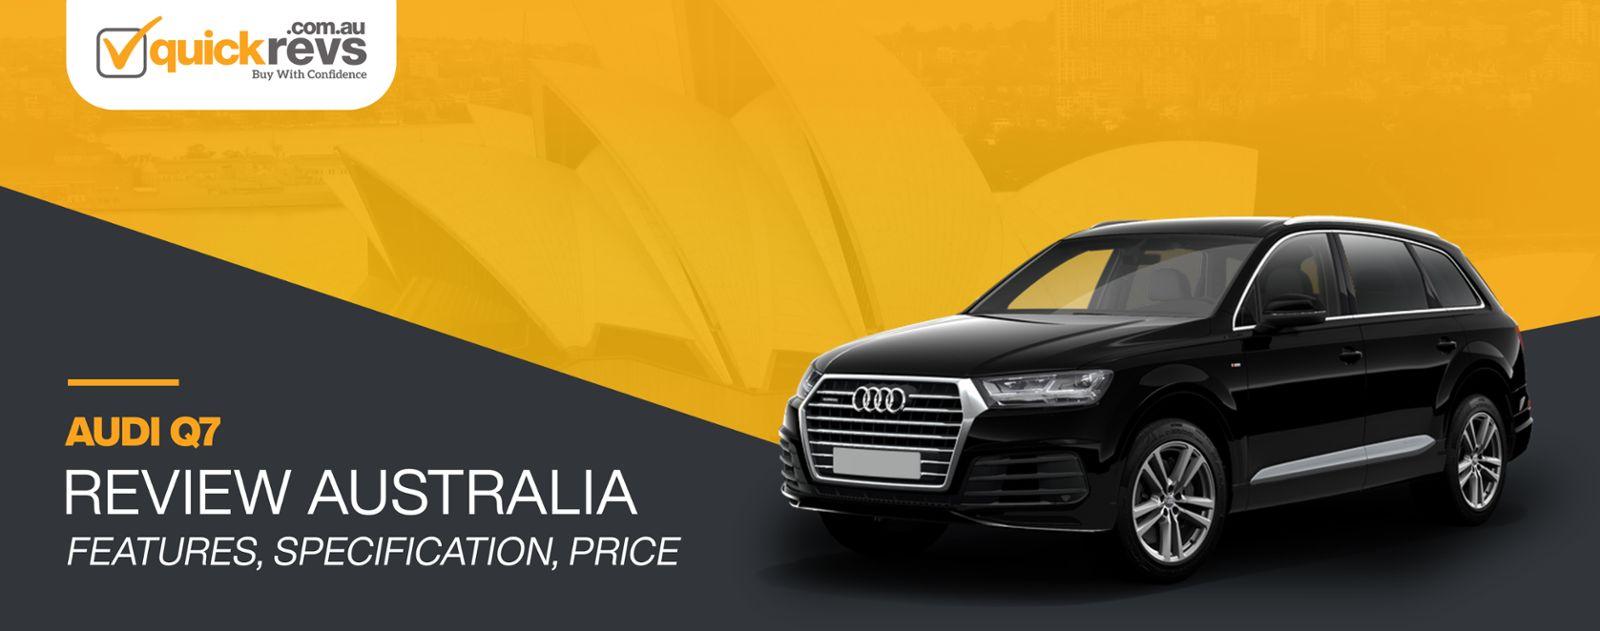 Audi Q7 Review Australia